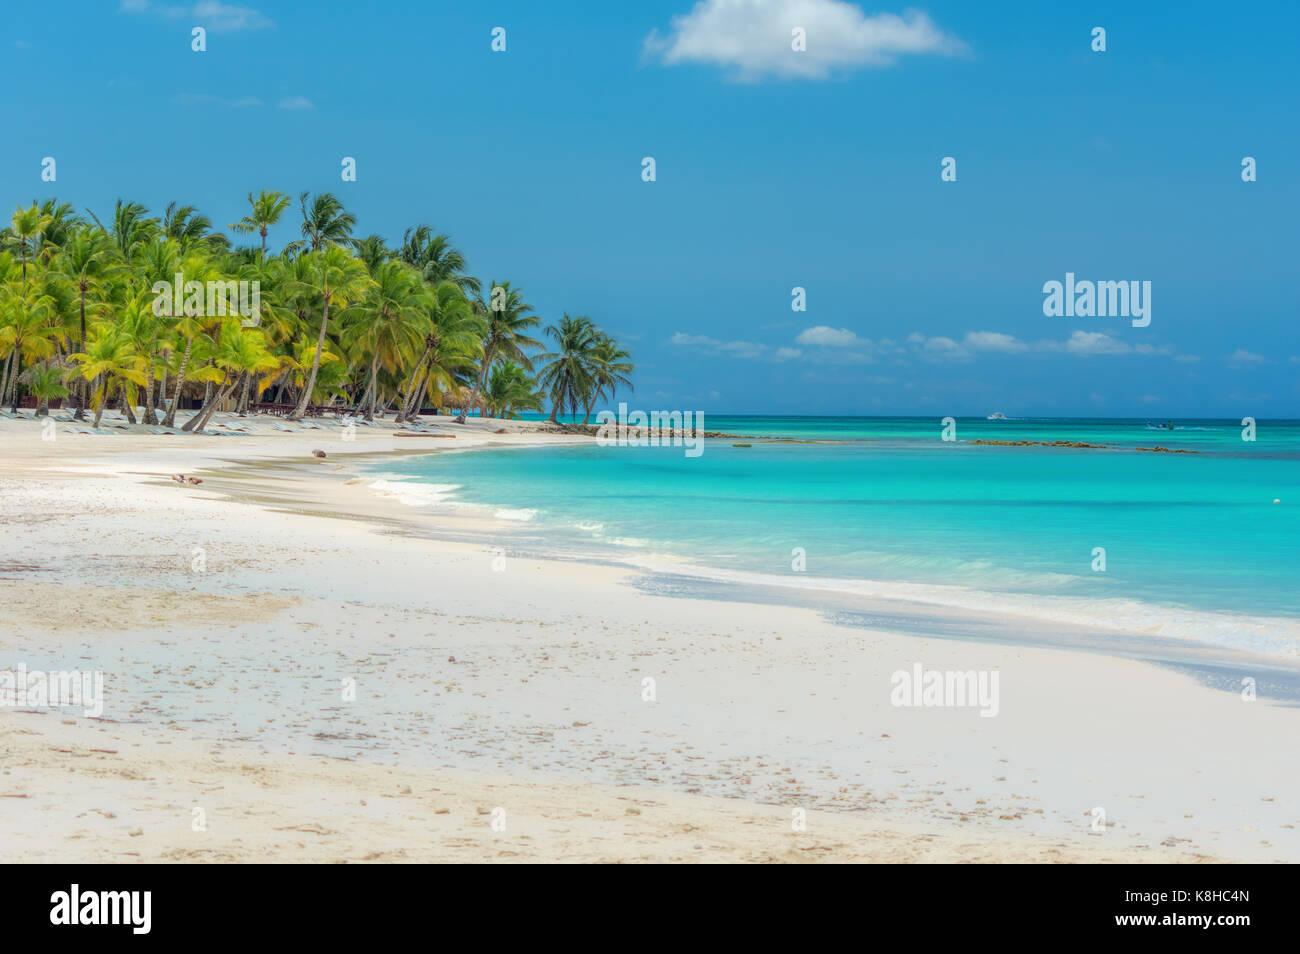 Playa de la isla caribeña de saona en República Dominicana. Imagen De Stock